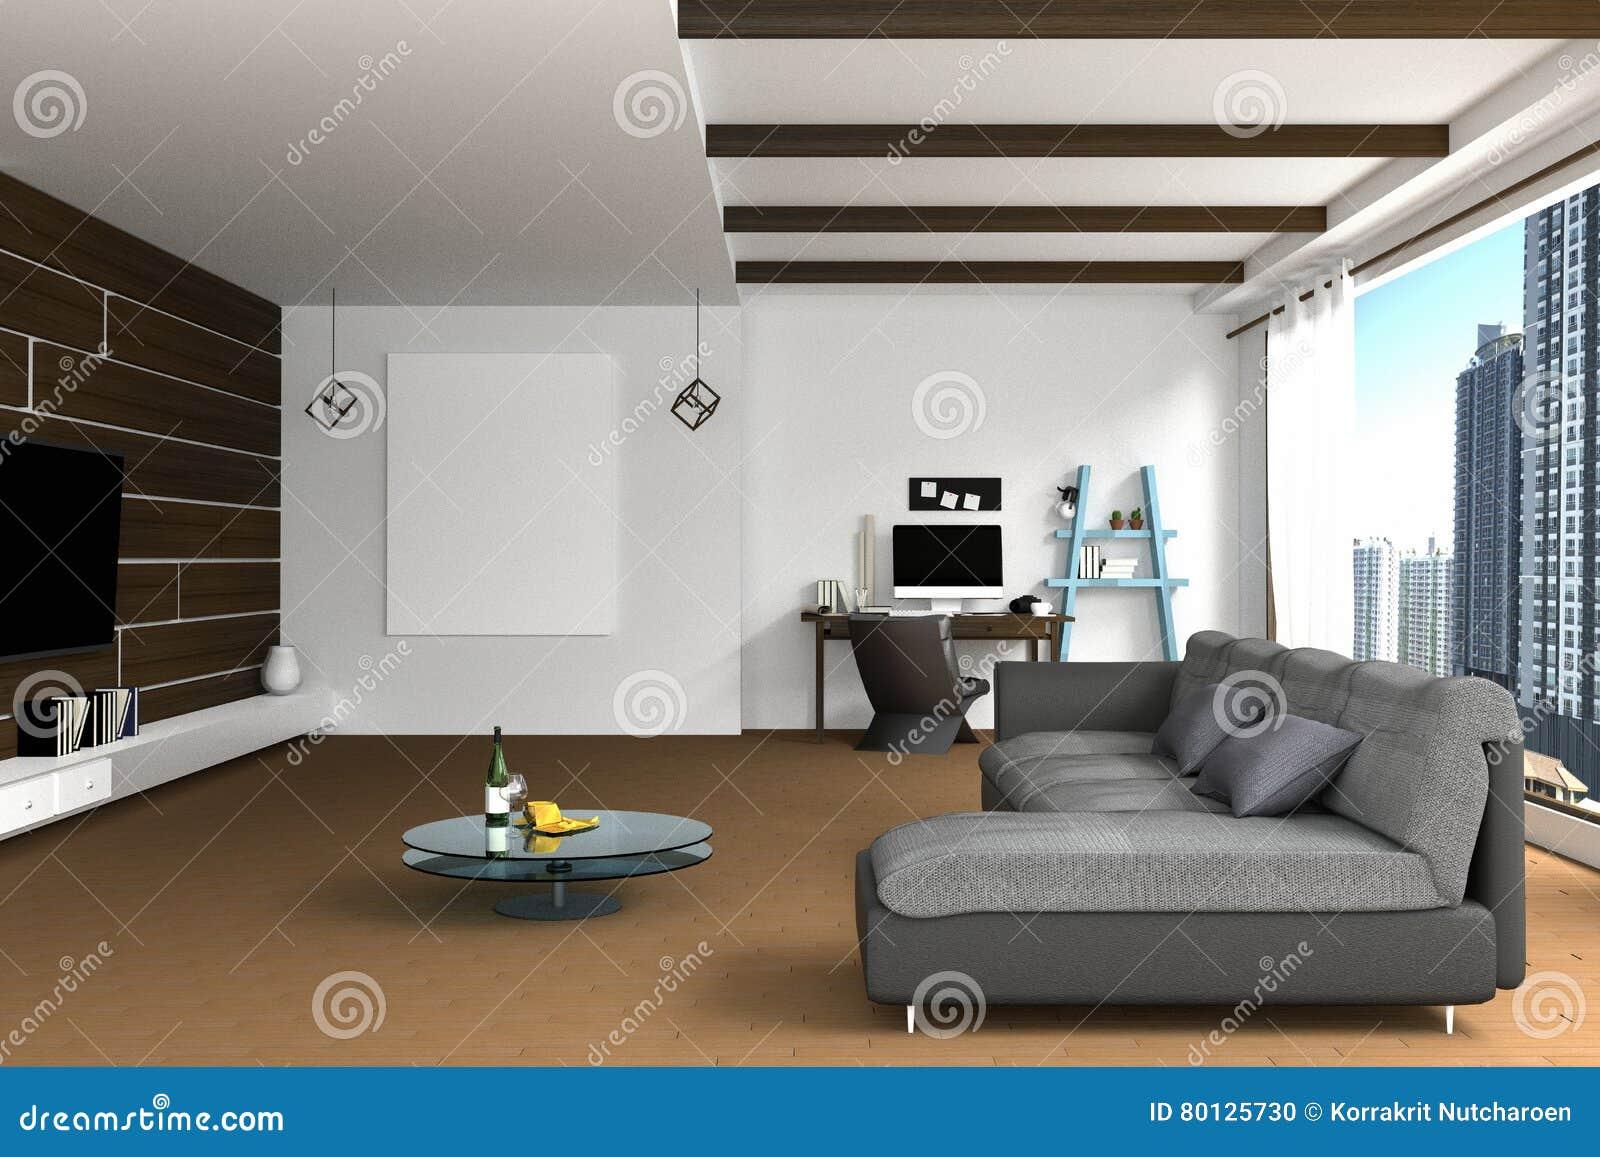 Wiedergabe 3D: Illustration Der Innenarchitektur Des Wohnzimmers Mit ...